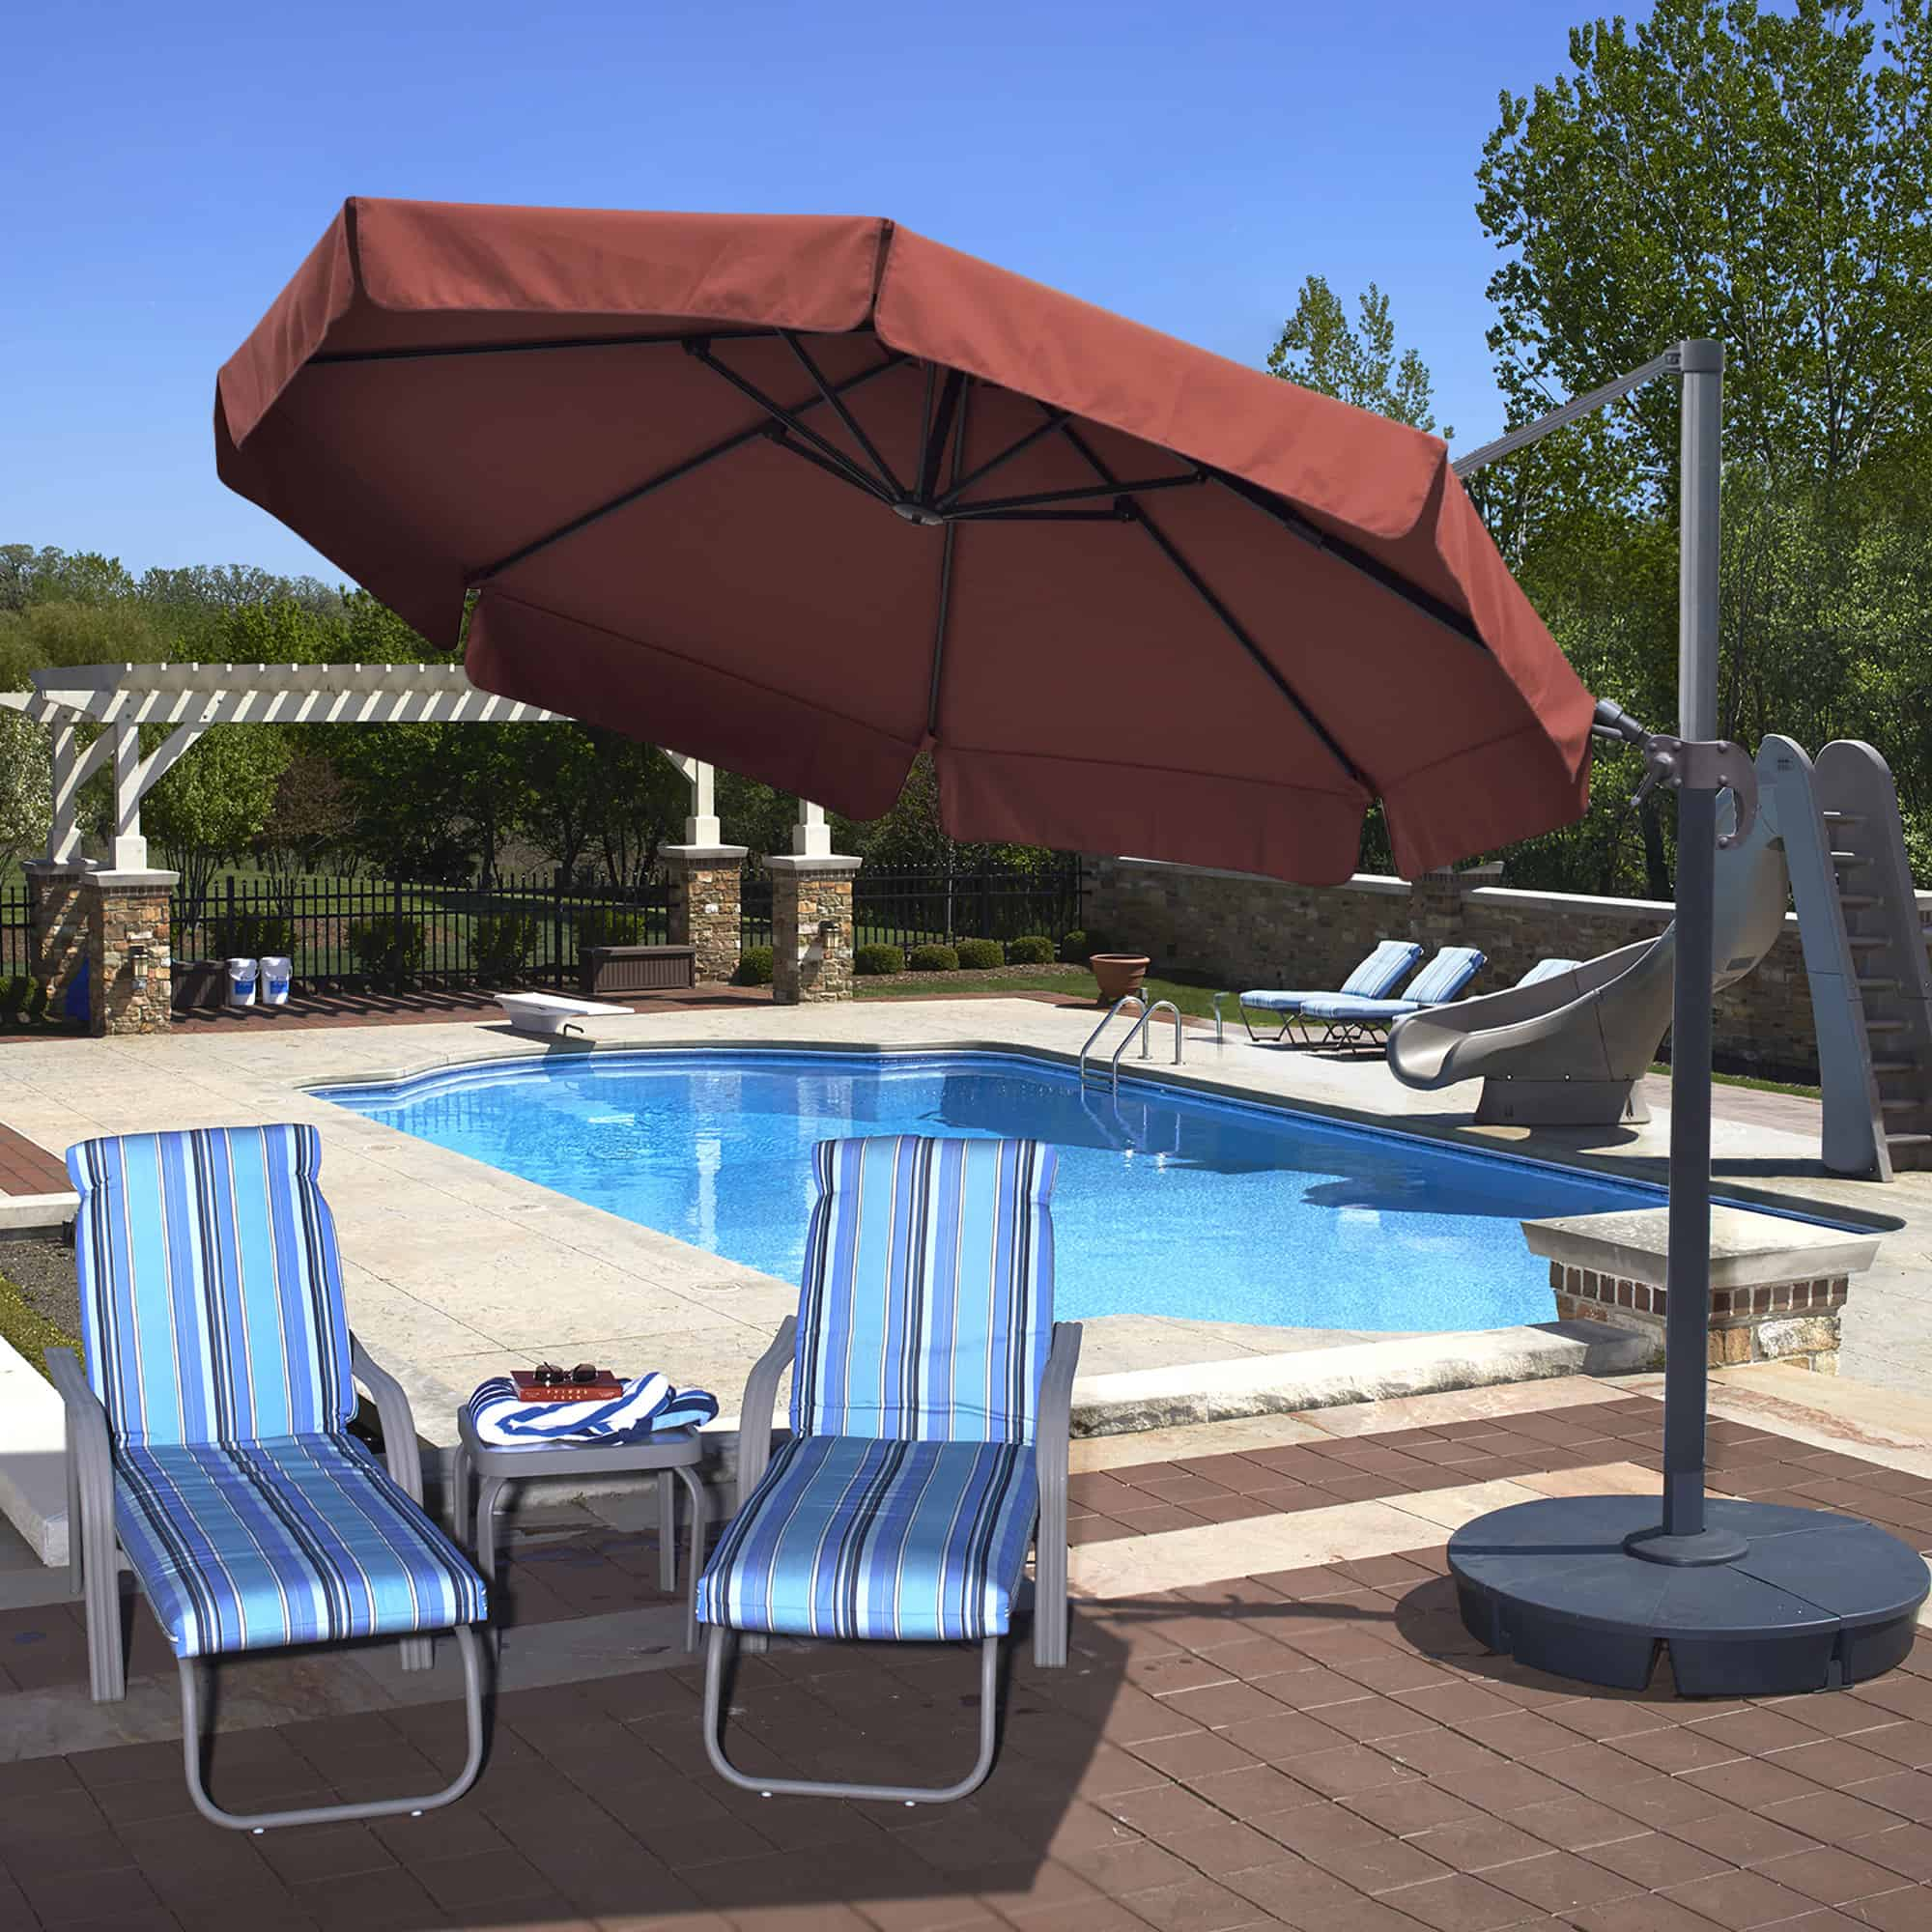 Patio Freeport Com: Freeport 11-ft Octagonal Cantilever Patio Umbrella With